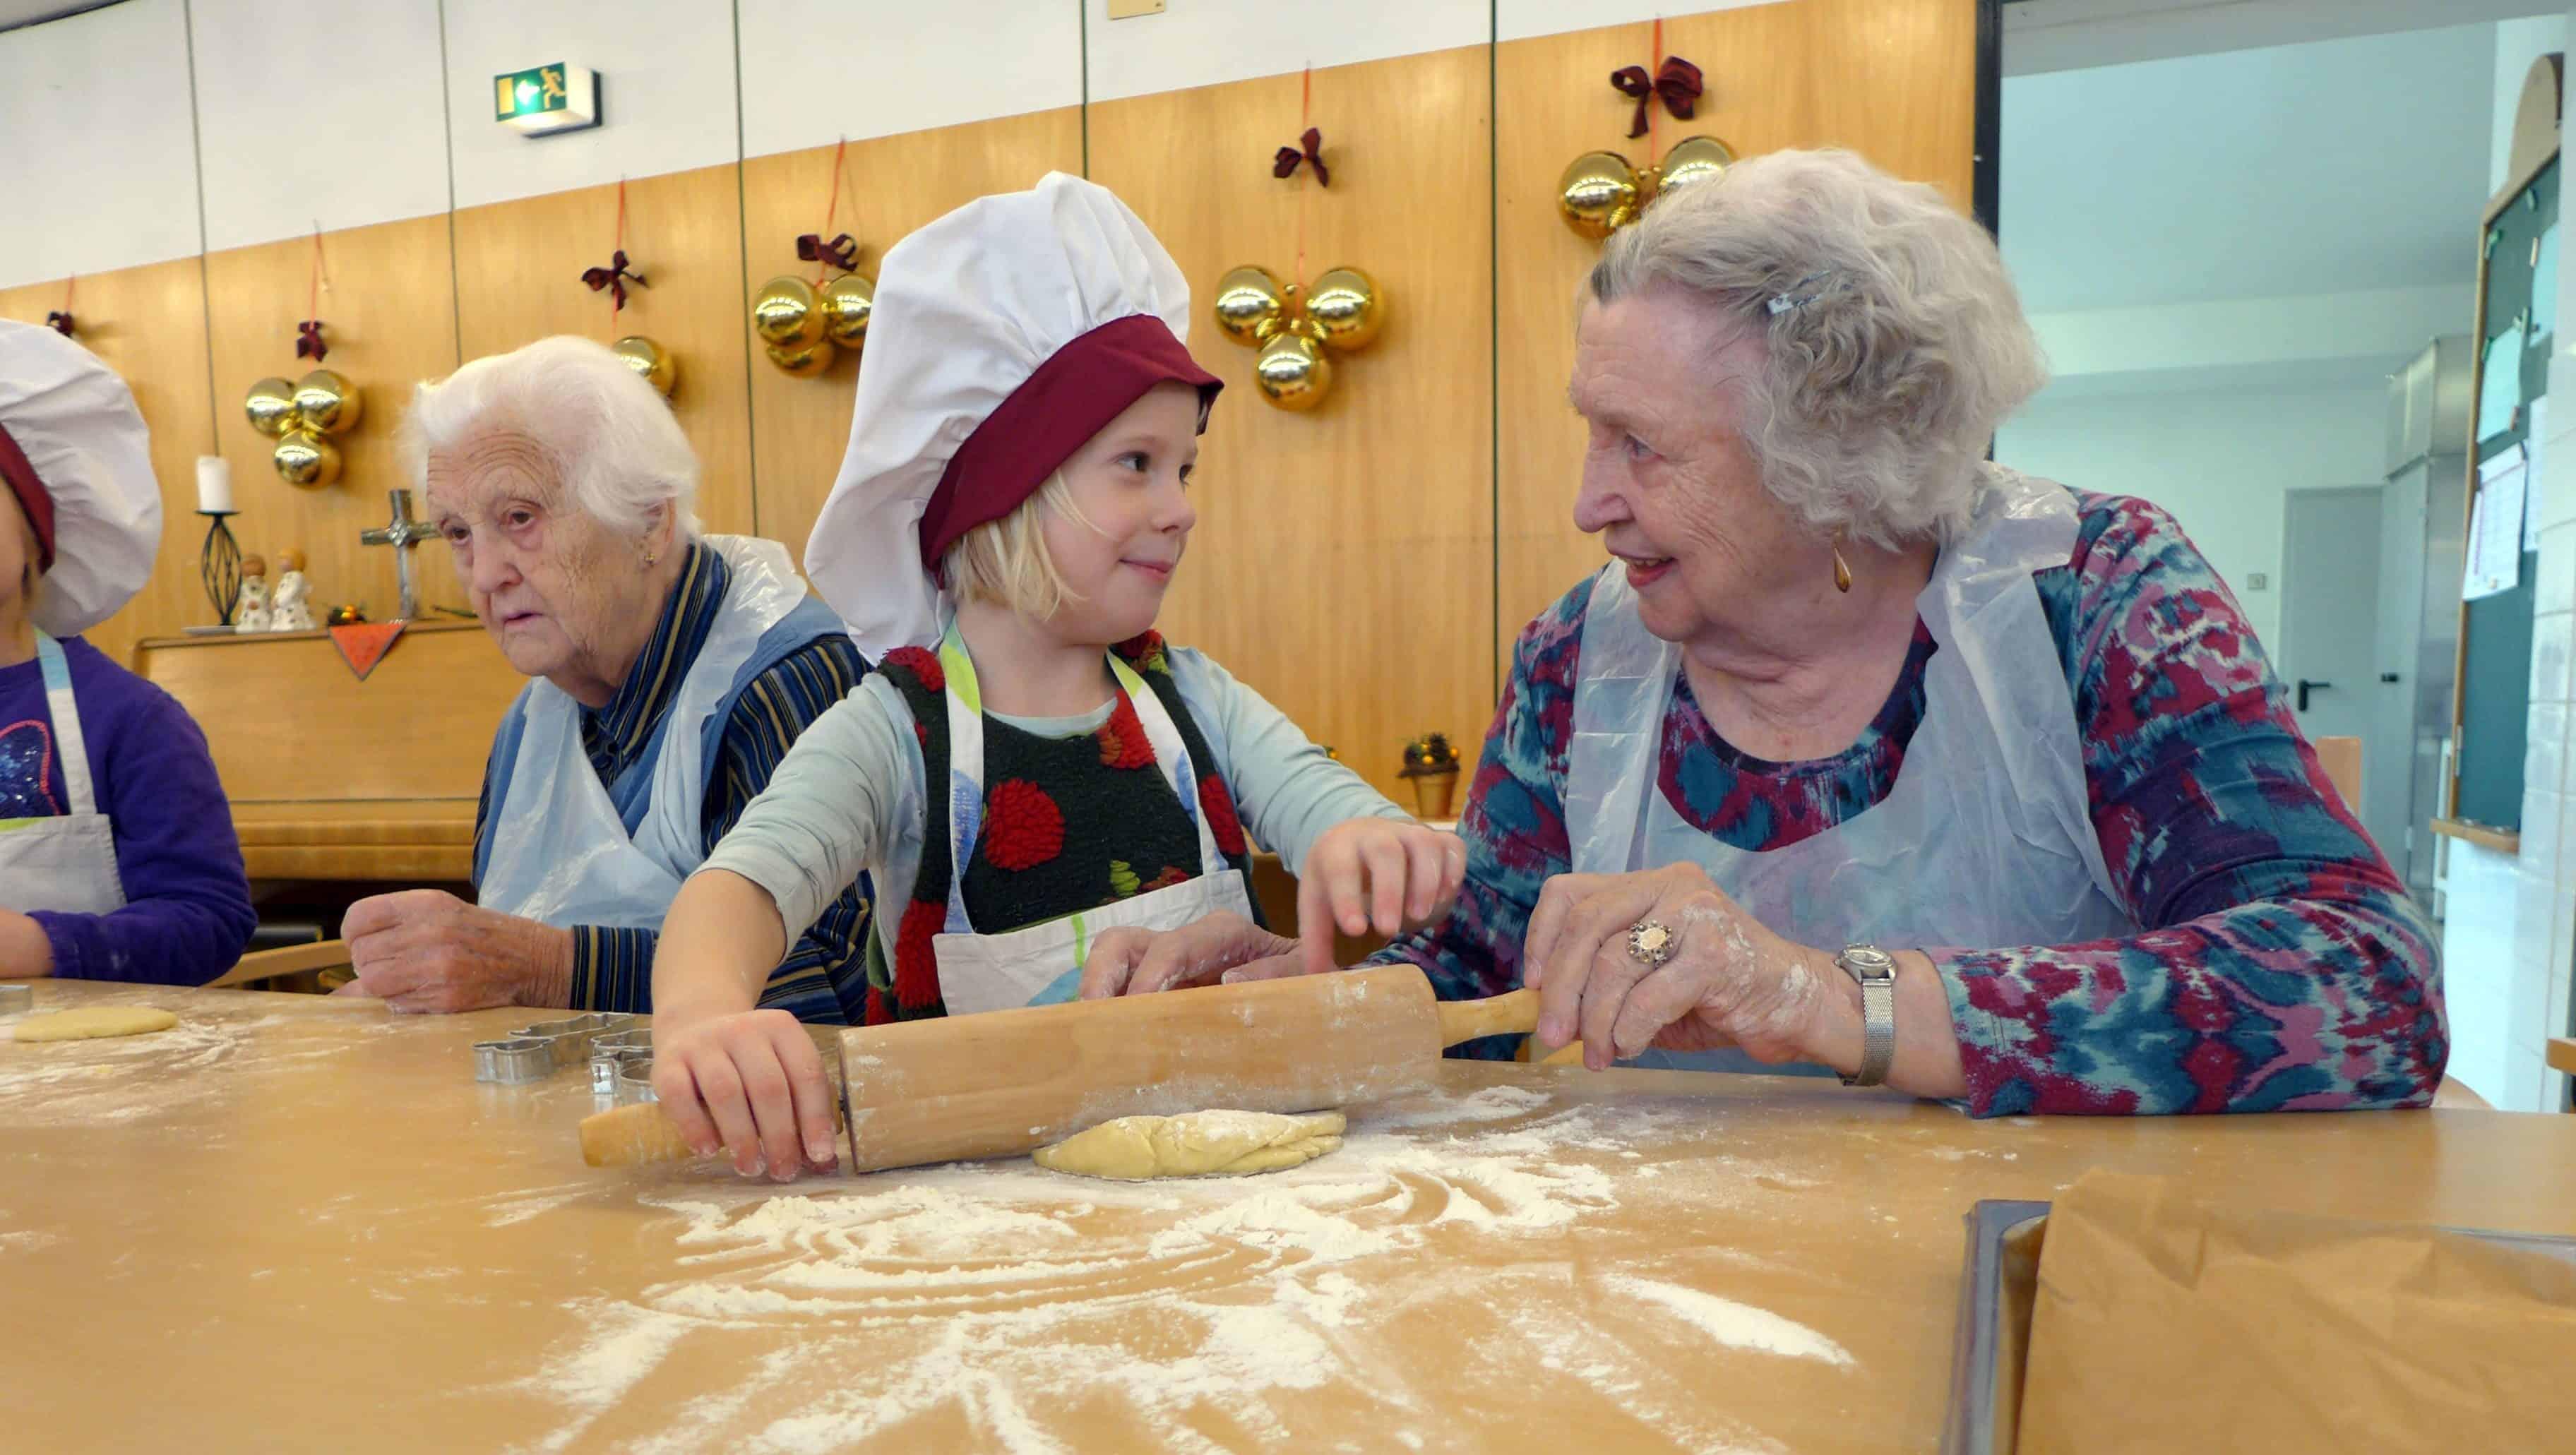 Dorfner Catering sorgt mit Aktionen für Abwechslung im Heim-Alltag - Foto: Dorfner Catering